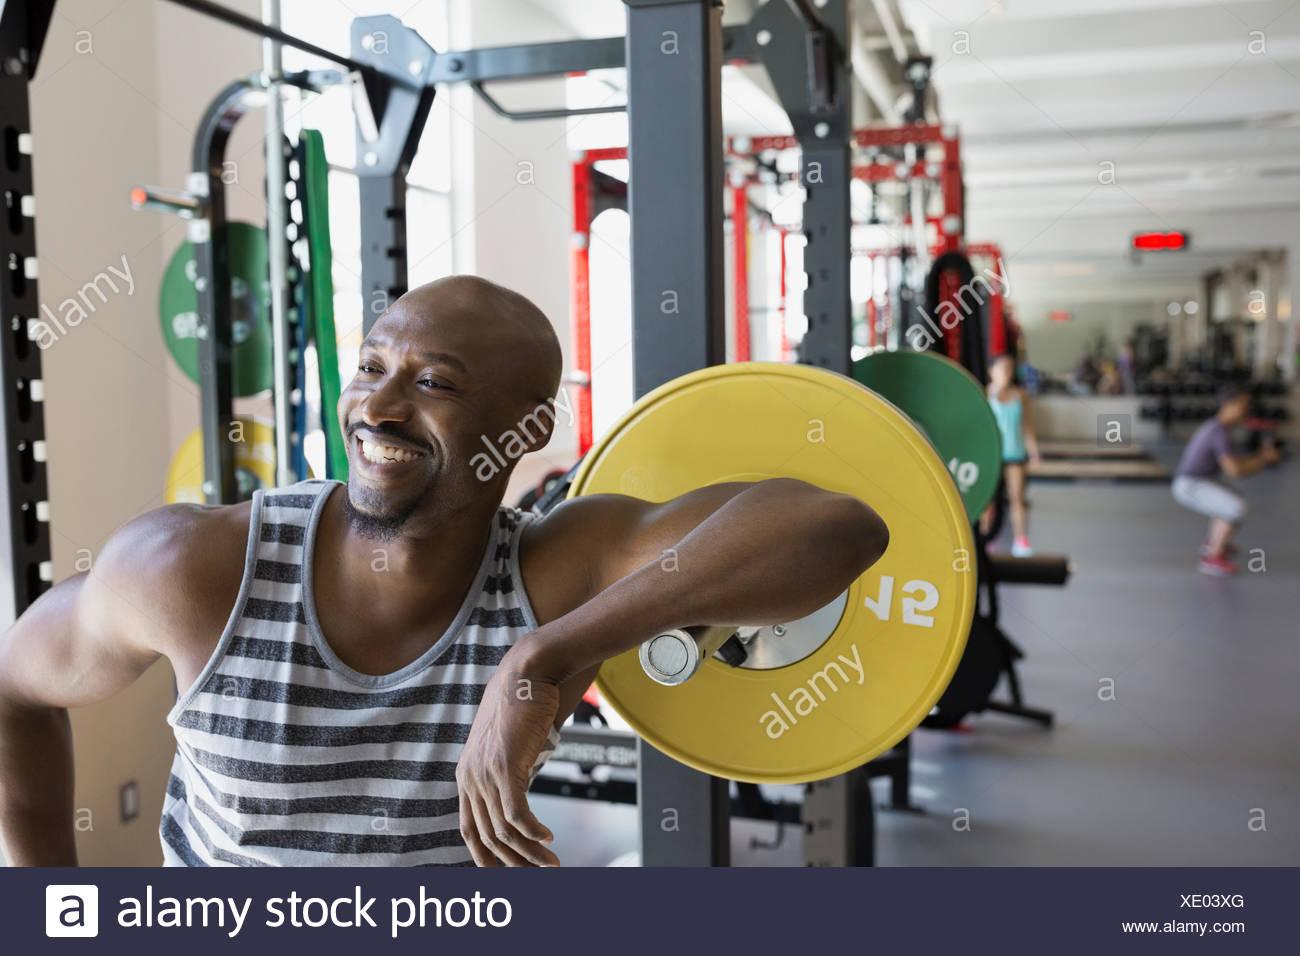 Begeisterten Mann stützte sich auf Langhantel in Turnhalle Stockbild